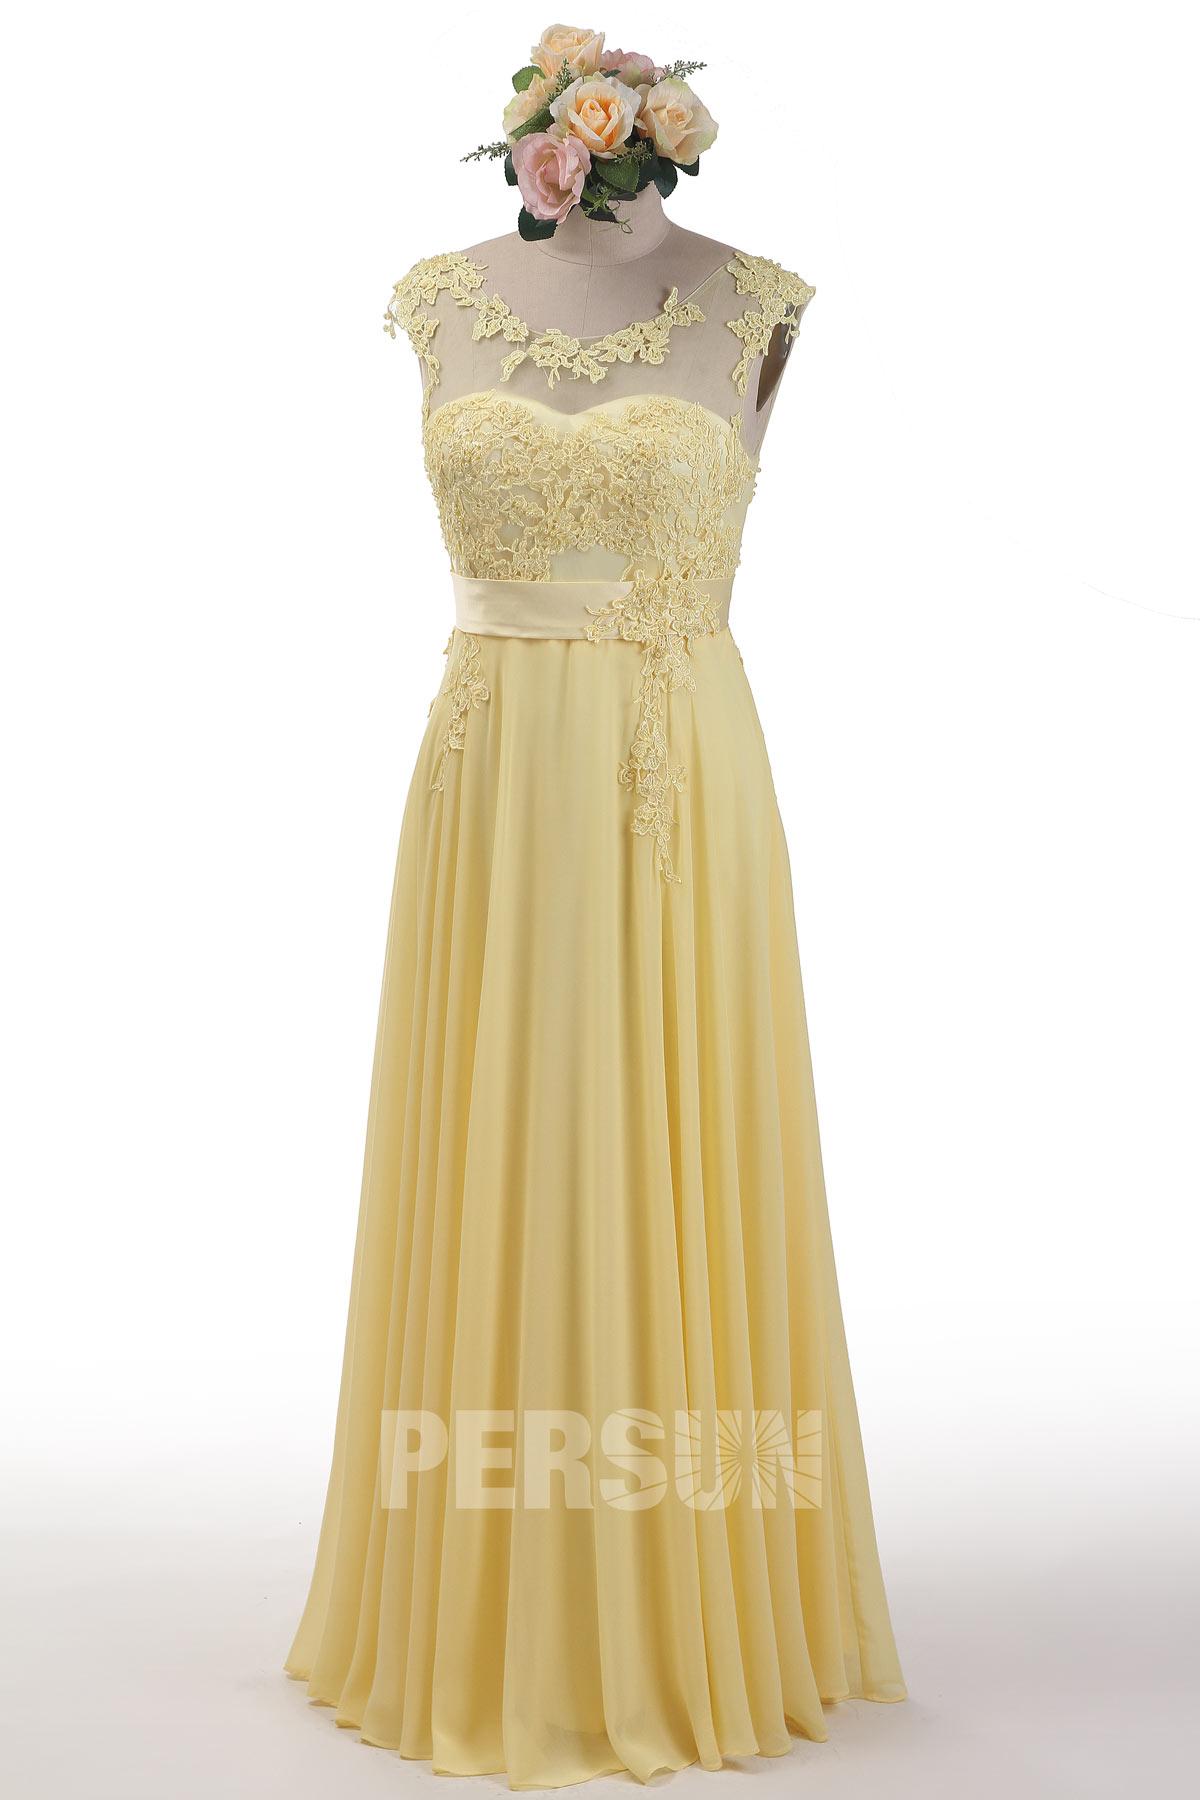 robe de soirée jaune longue col illusion en dentelle appliquée